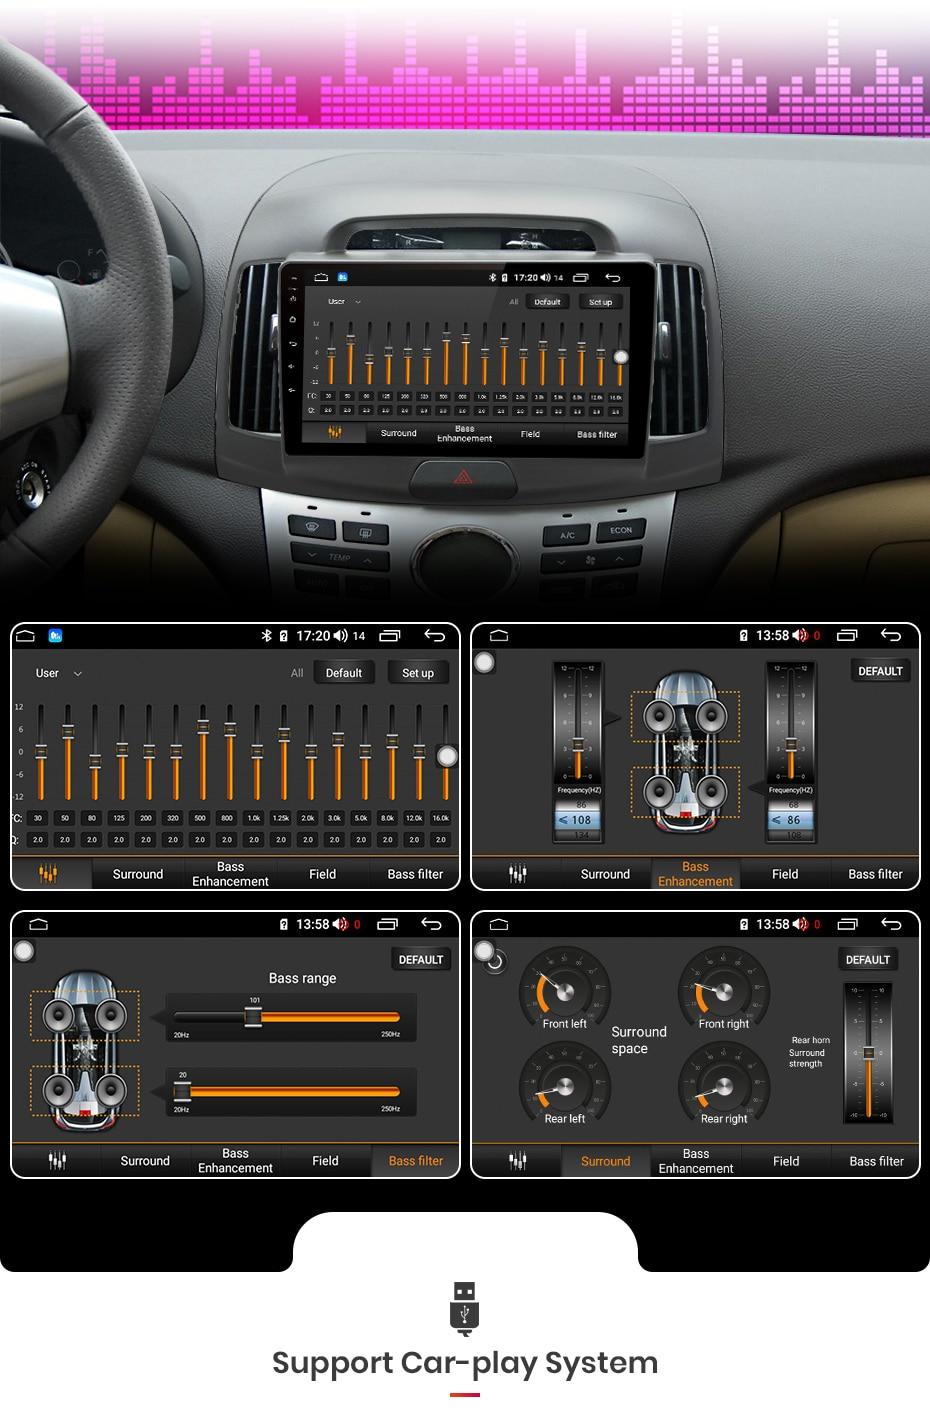 Hyundai-Elantra-HD_09